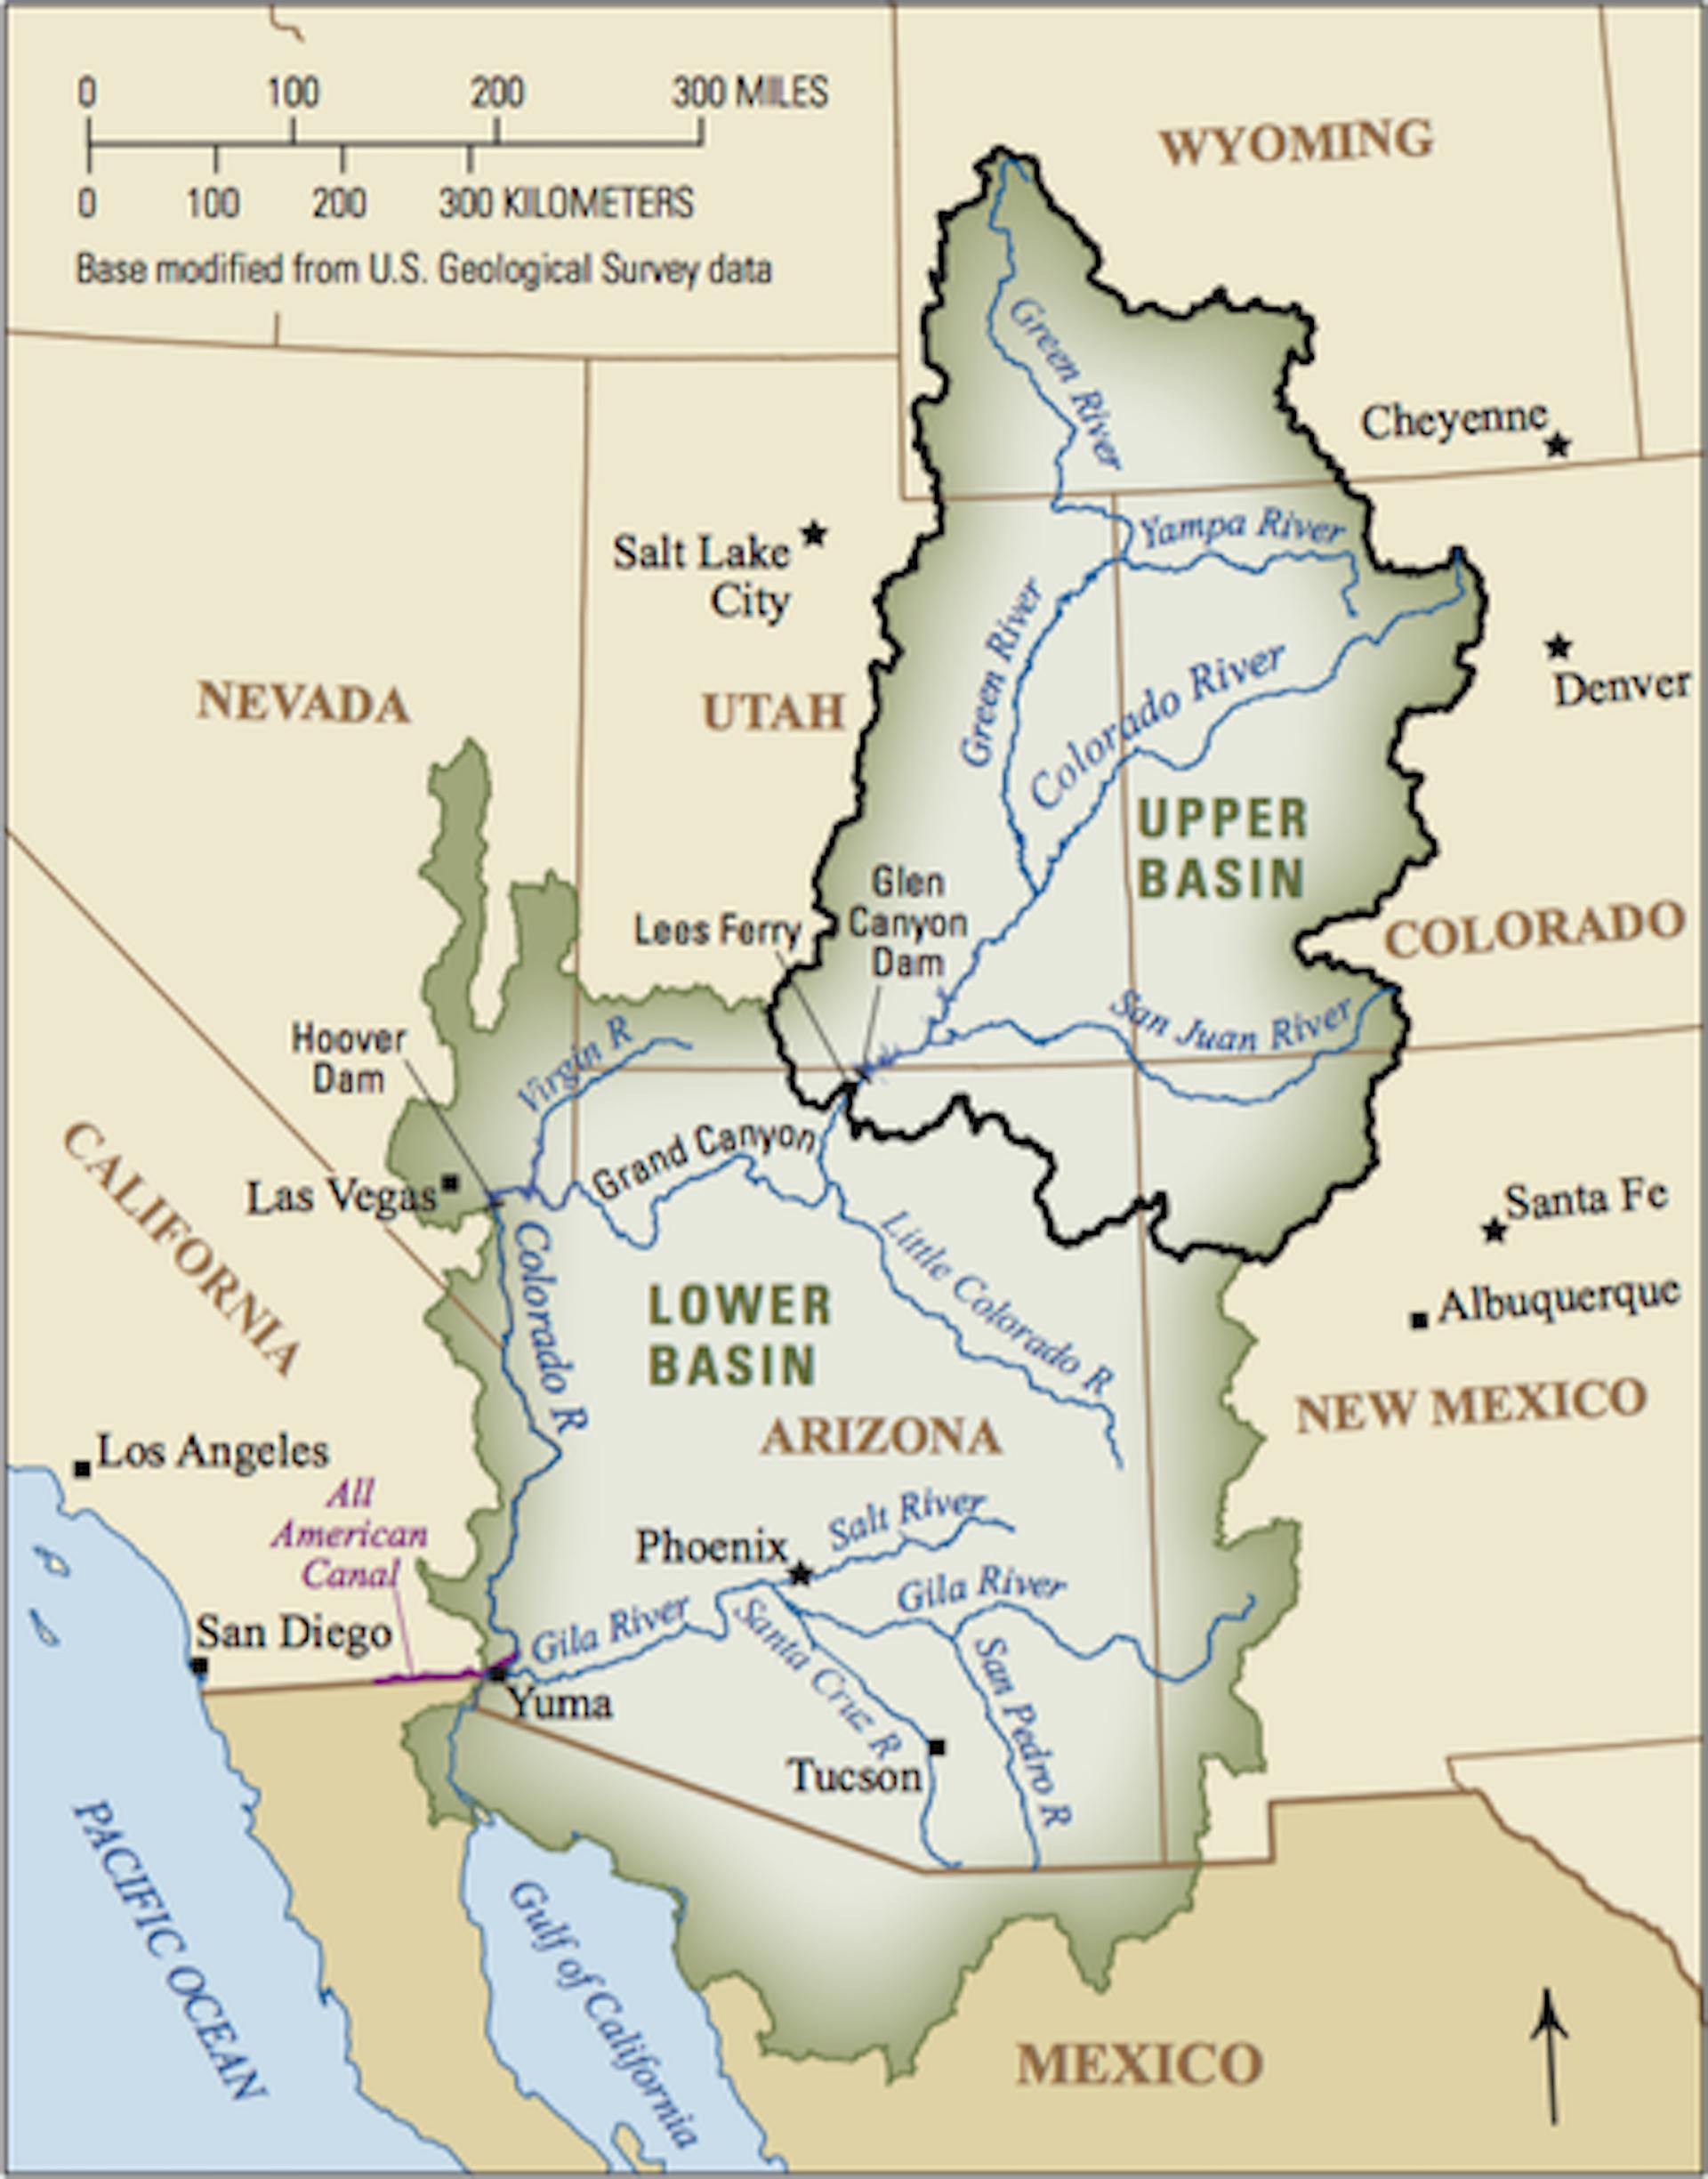 Describe the Colorado River according to plan